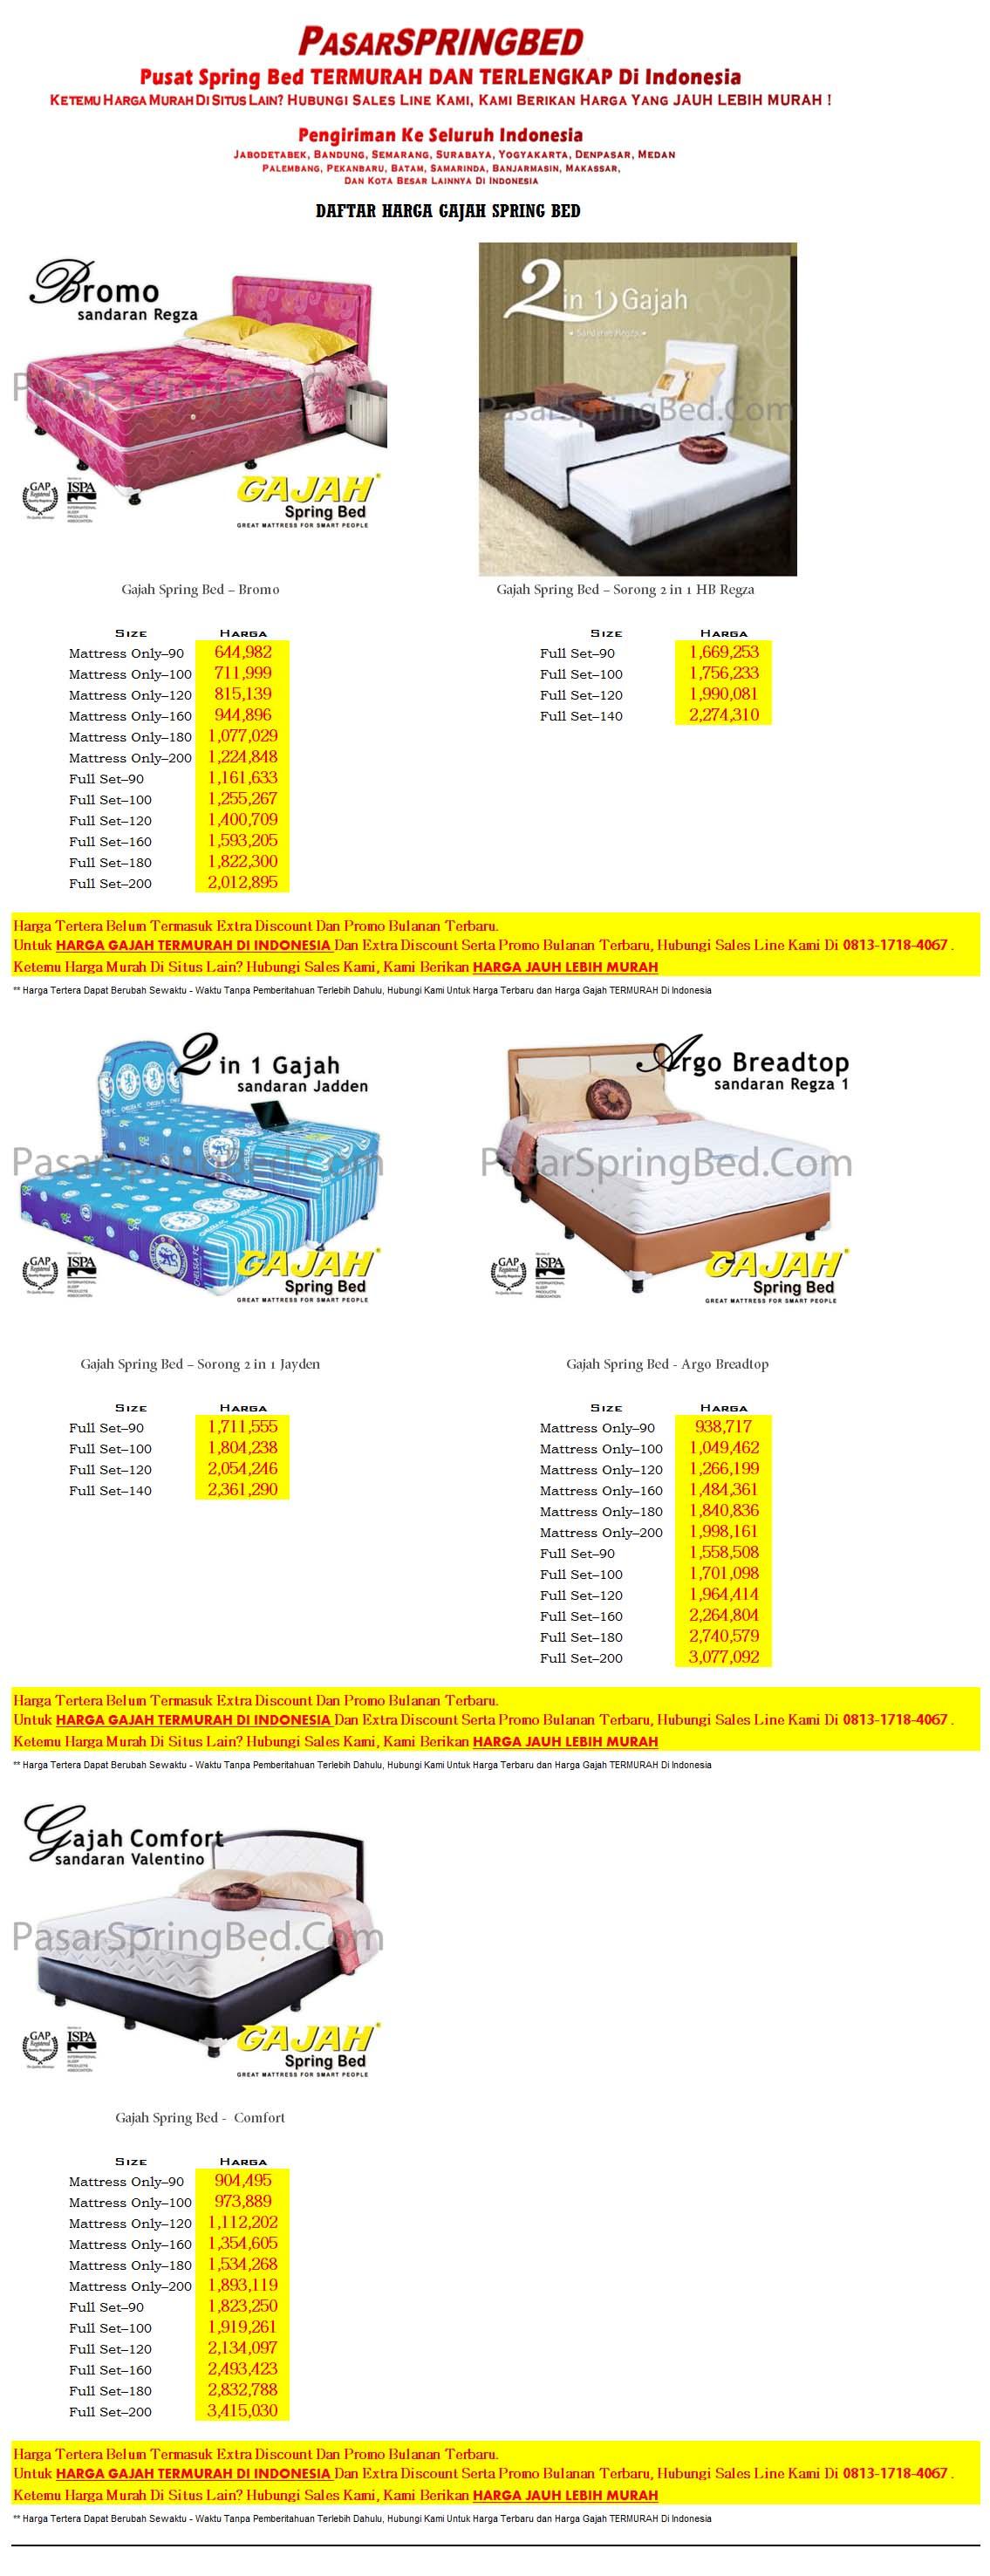 harga-gajah-spring-bed